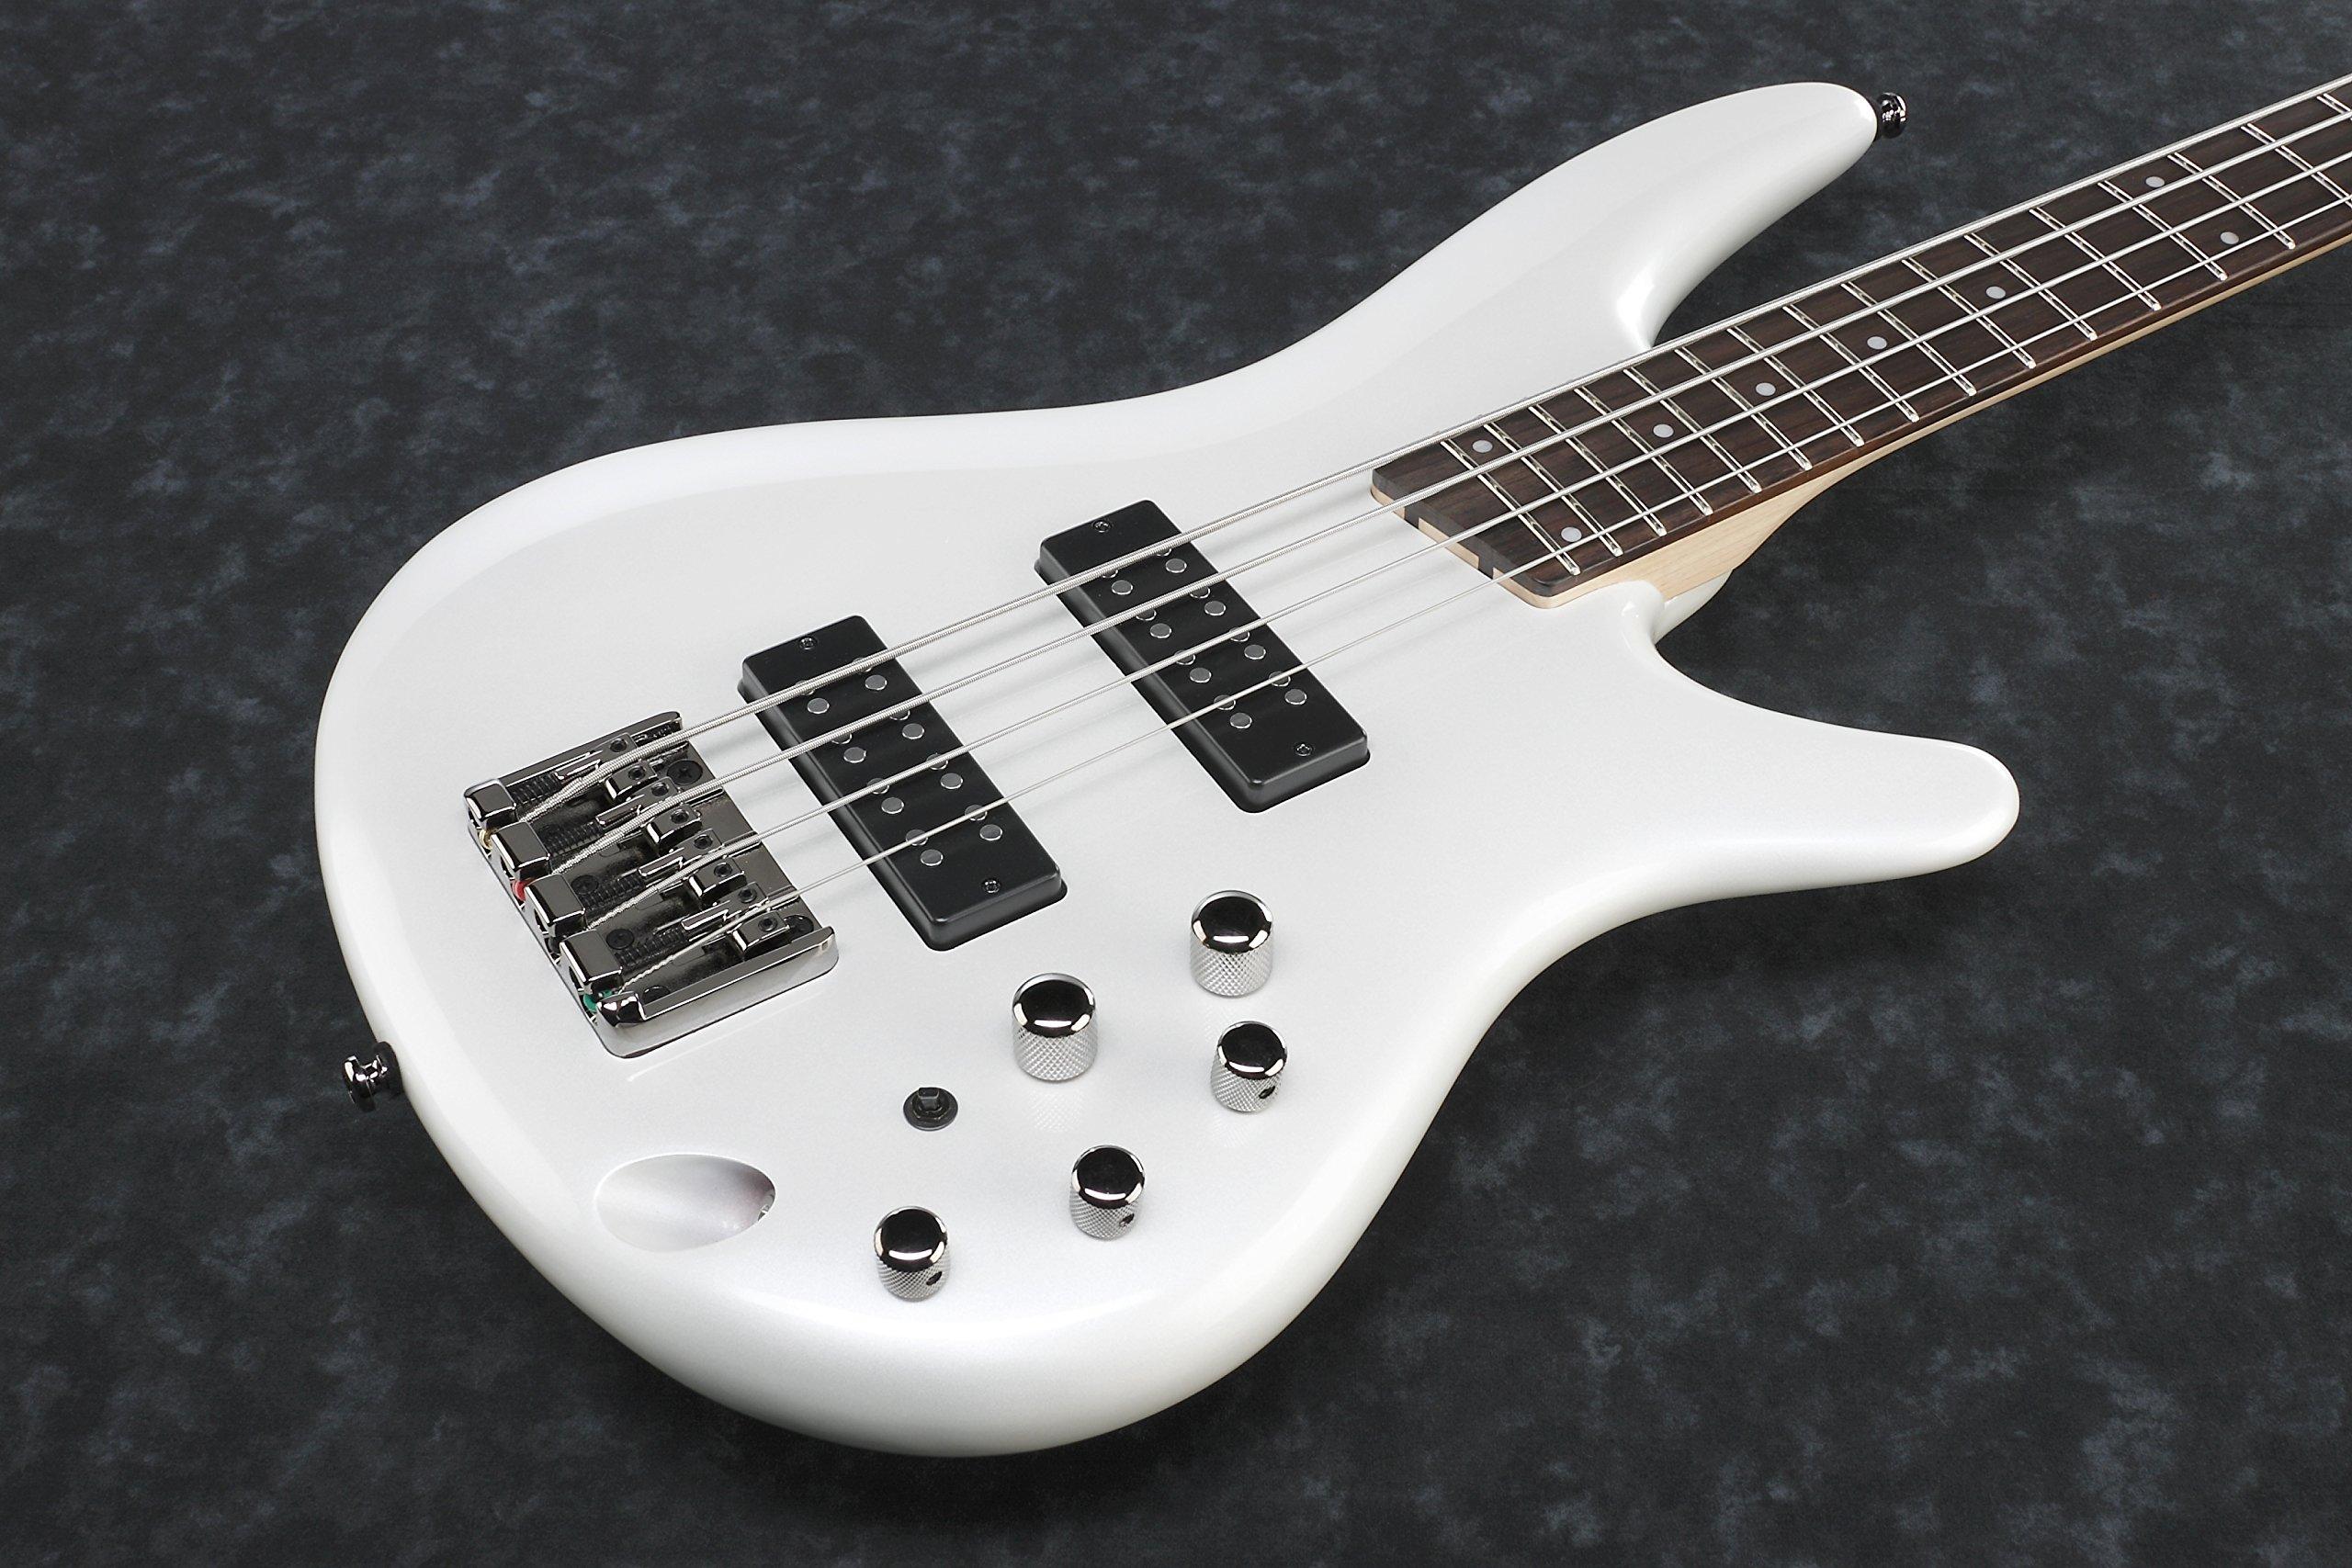 Ibanez SR300E Electric guitar 4cuerdas Blanco: Amazon.es: Electrónica